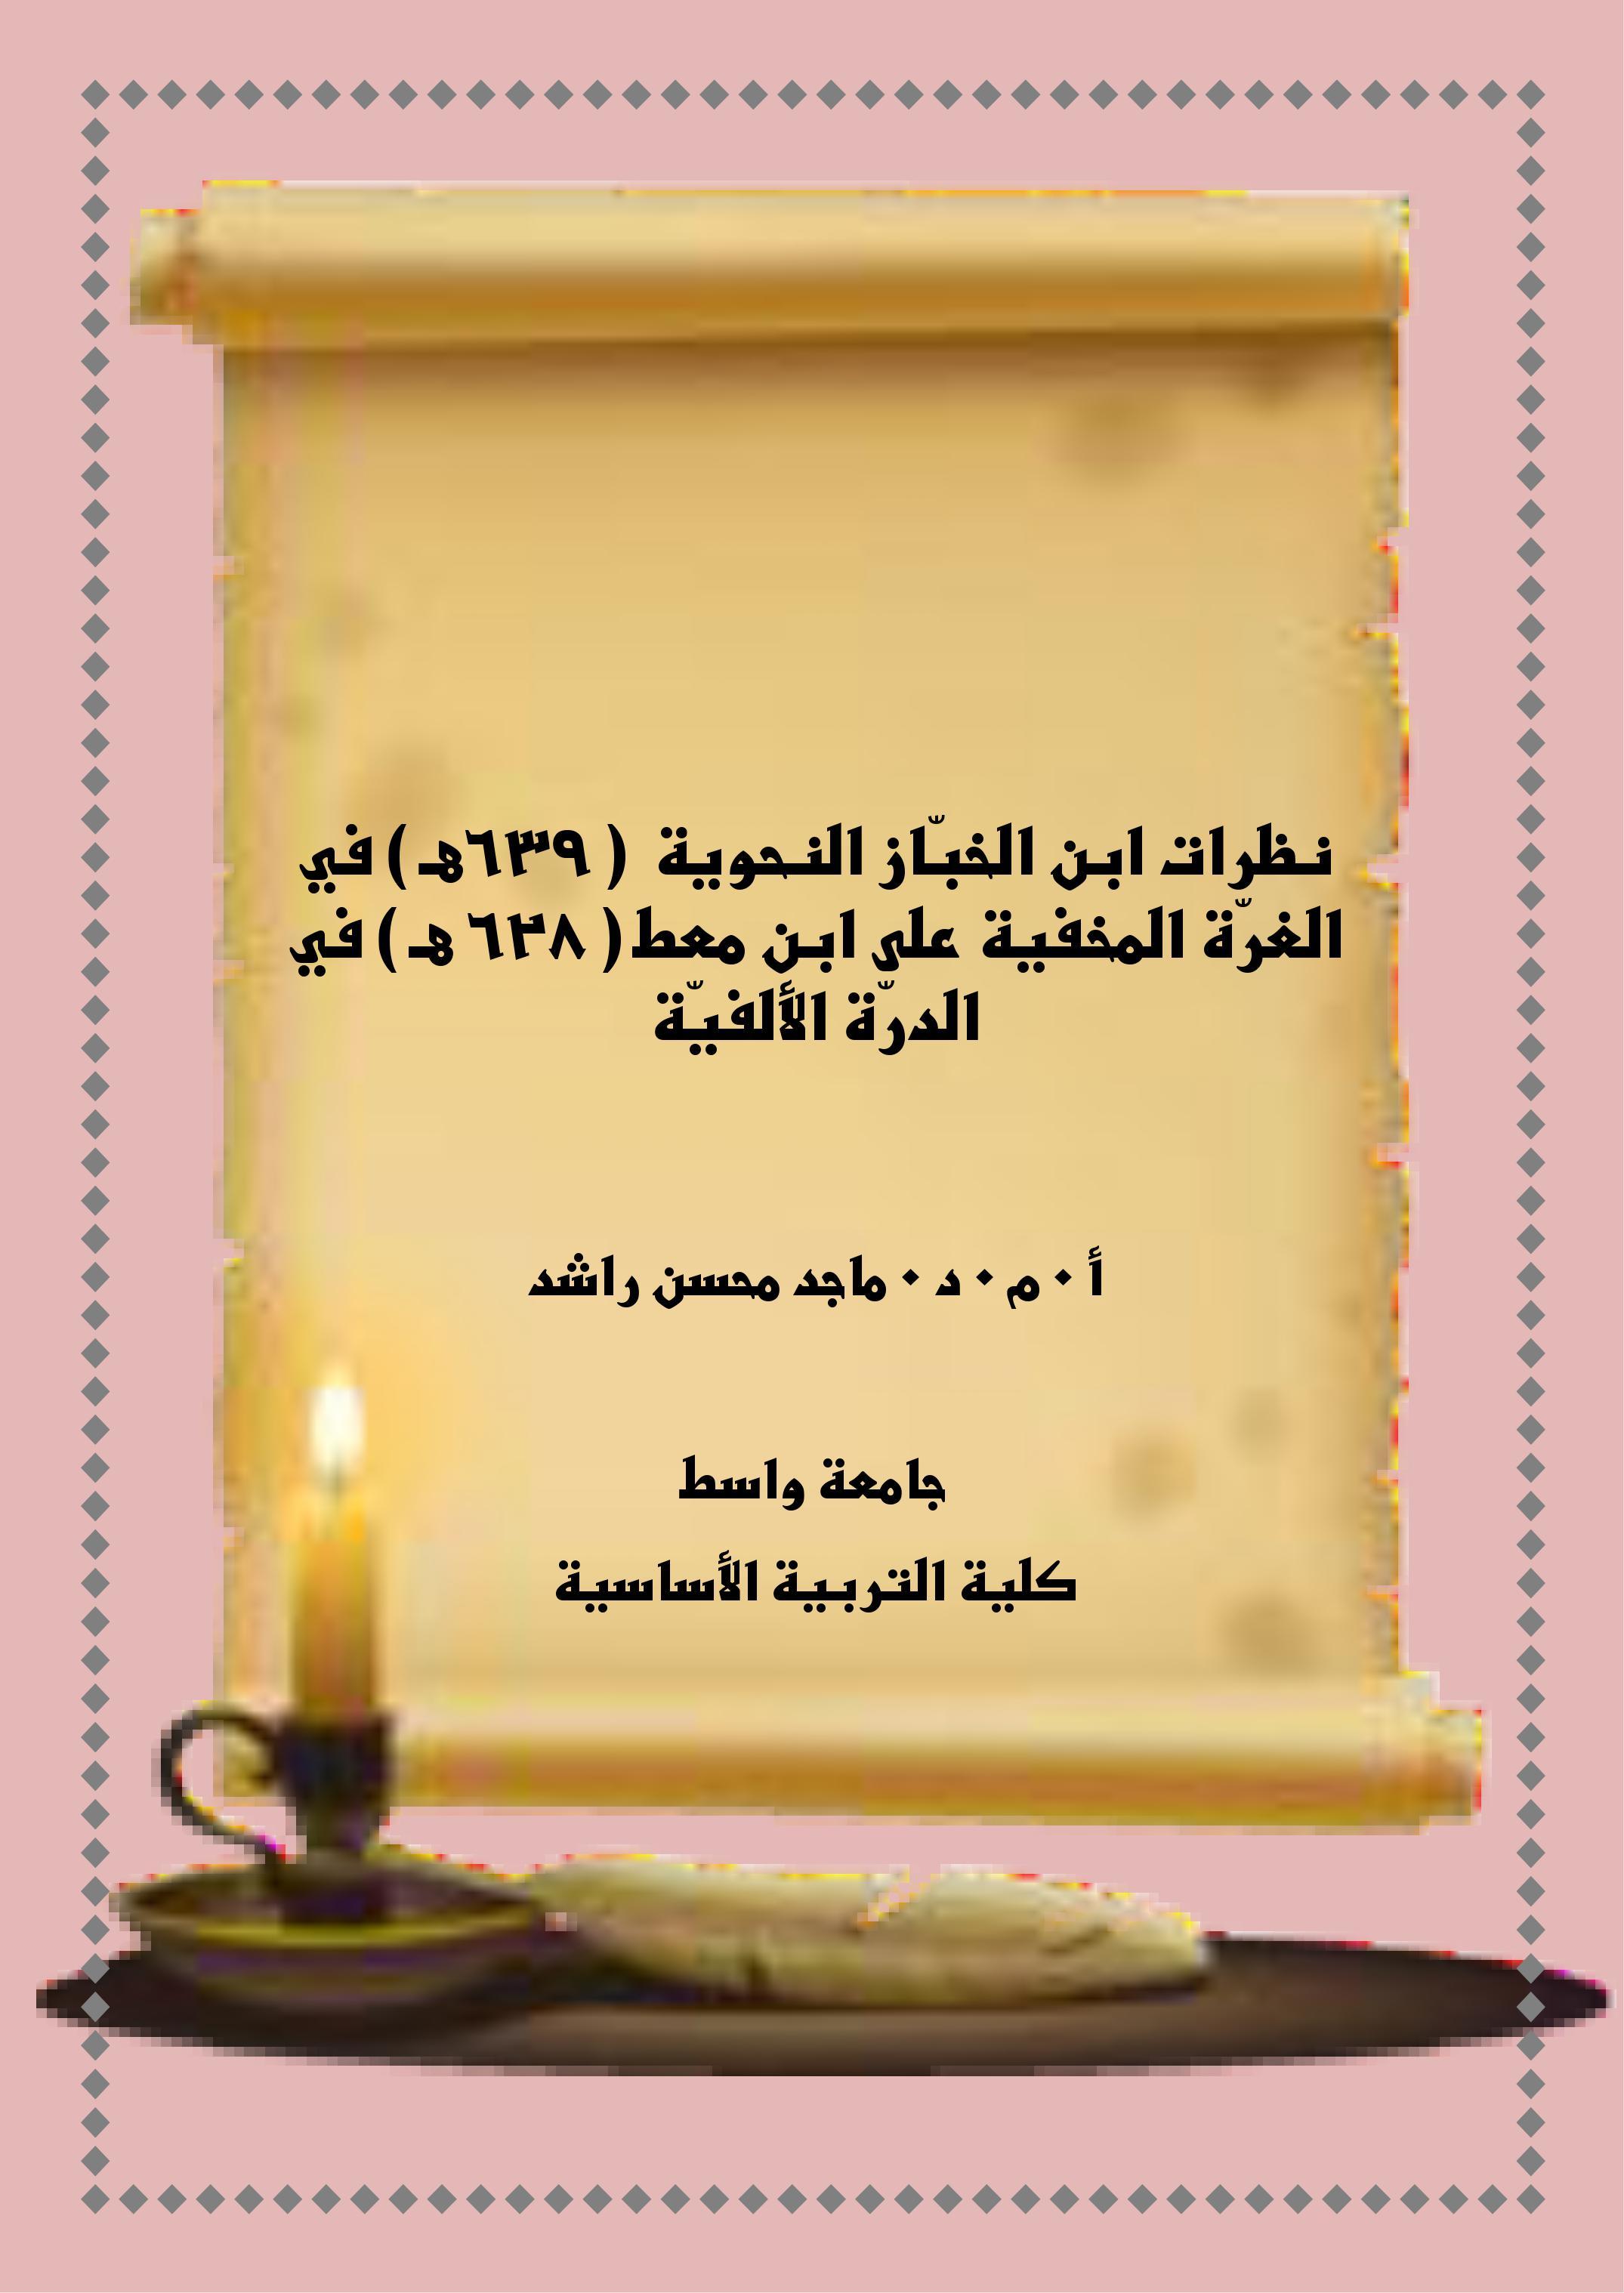 نظرات ابن الخبّاز النحوية  ( 639هـ ) في الغرّة المخفية على ابن معط ( 628 هـ ) في الدرّة الألفيّة